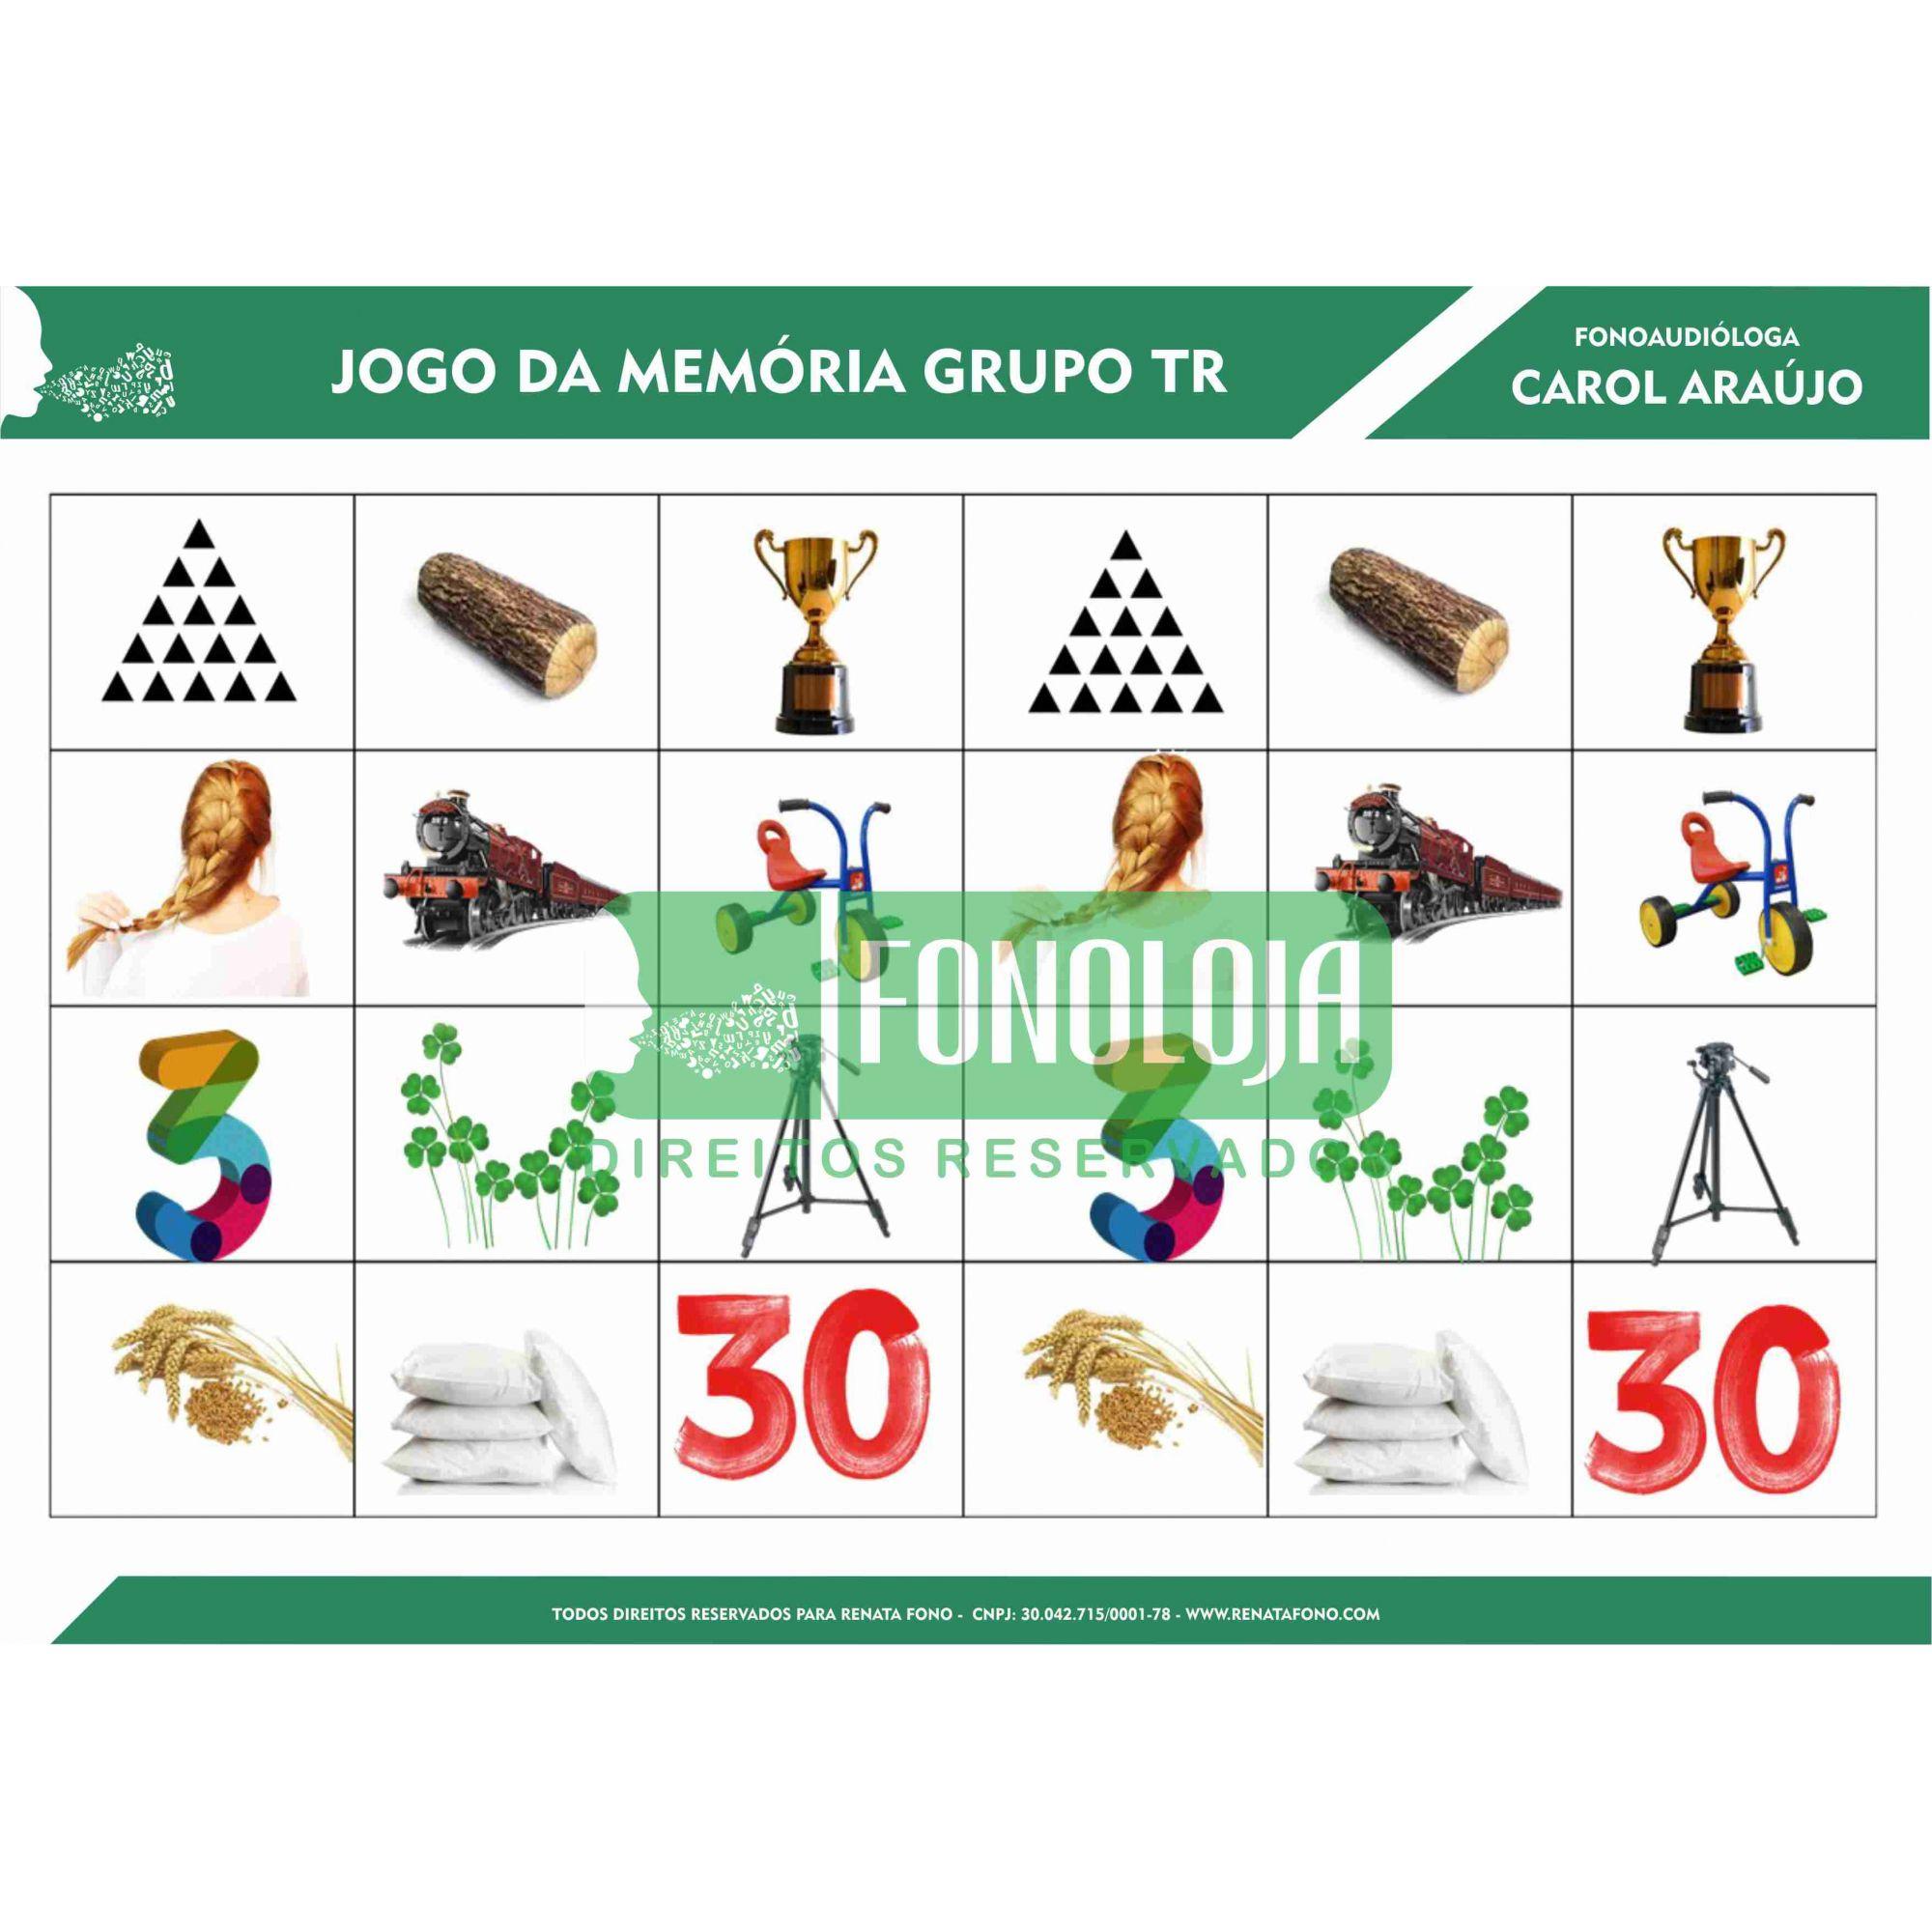 KIT 03 - JOGOS DA MEMÓRIA GRUPOS COM R - cc(r)v